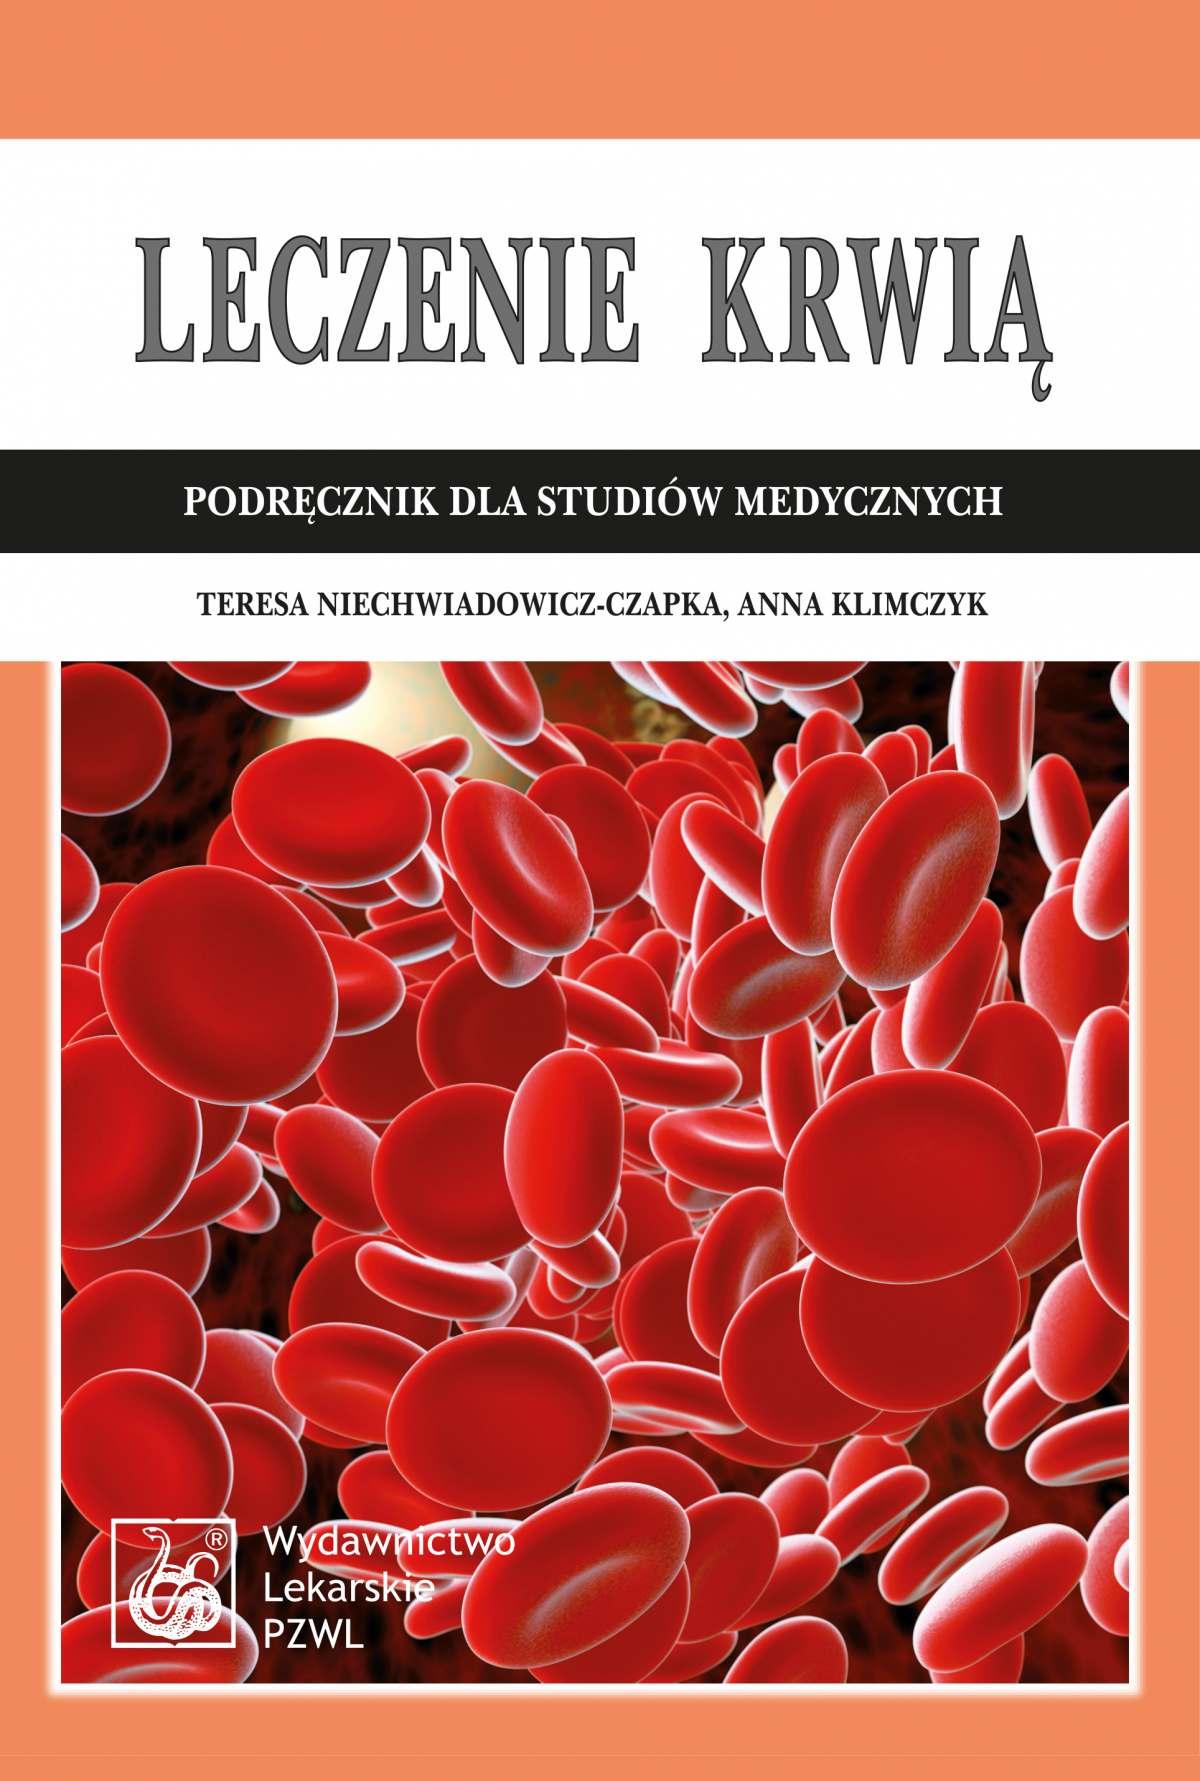 Leczenie krwią - Ebook (Książka EPUB) do pobrania w formacie EPUB